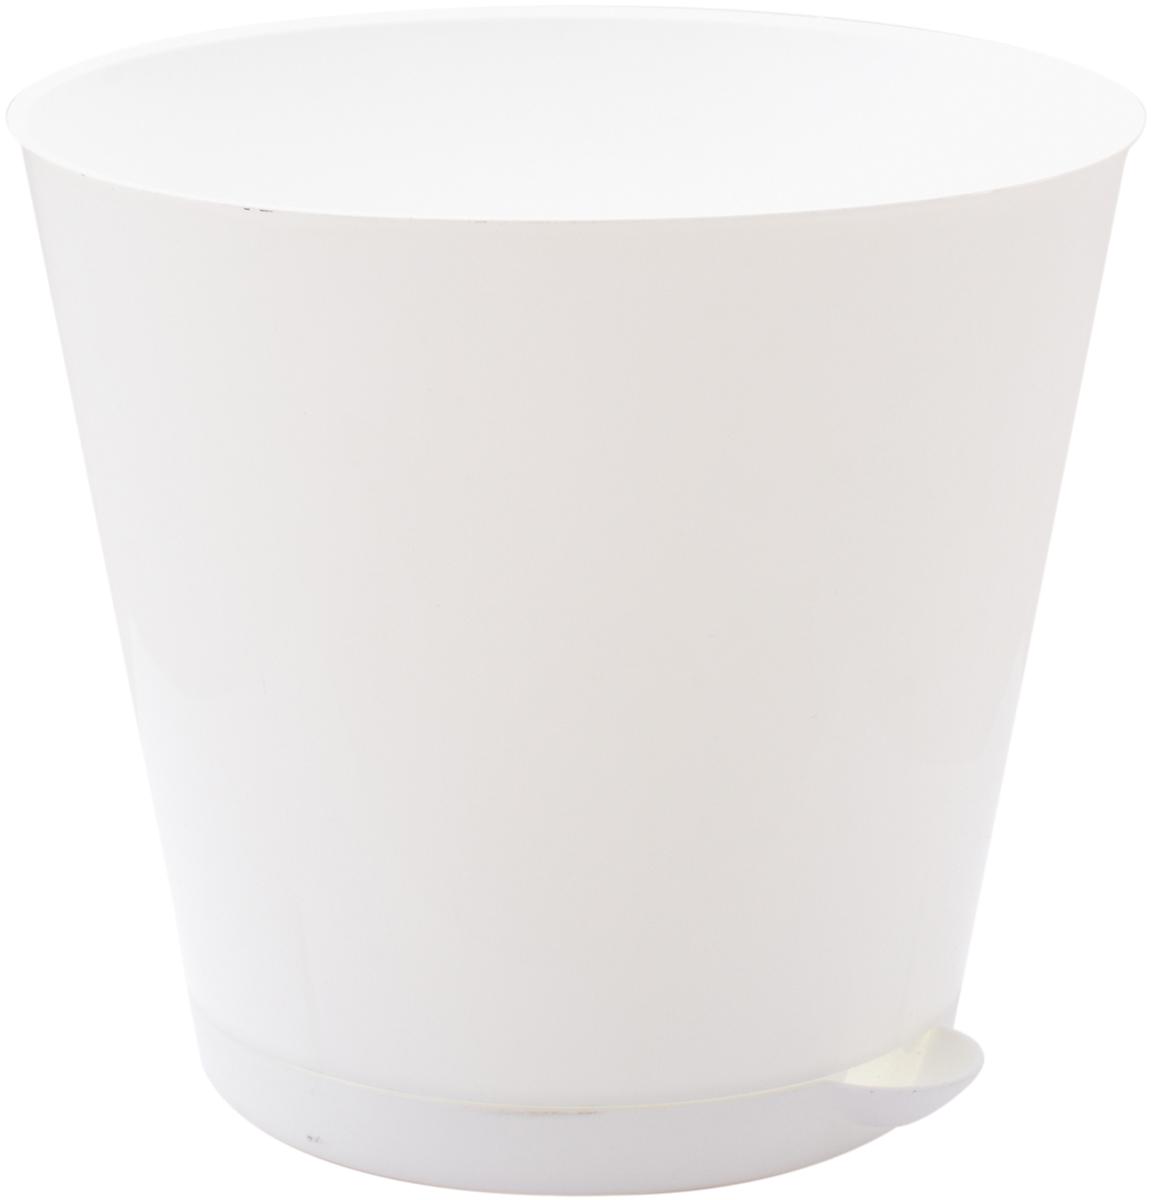 """Горшок InGreen """"Крит"""", выполненный из высококачественного пластика, предназначен для выращивания комнатных цветов, растений и трав. Специальная конструкция обеспечивает вентиляцию в корневой системе растения, а дренажные отверстия позволяют выходить лишней влаге из почвы. Крепежные отверстия и штыри прочно крепят подставку к горшку. Прикорневой полив растения осуществляется через удобный носик. Система прикорневого полива позволяет оставлять комнатное растение без внимания тем, кто часто находится в командировках или собирается в отпуск и не имеет возможности вовремя поливать цветы.Такой горшок порадует вас современным дизайном и функциональностью, а также оригинально украсит интерьер любого помещения. Объем: 5 л."""